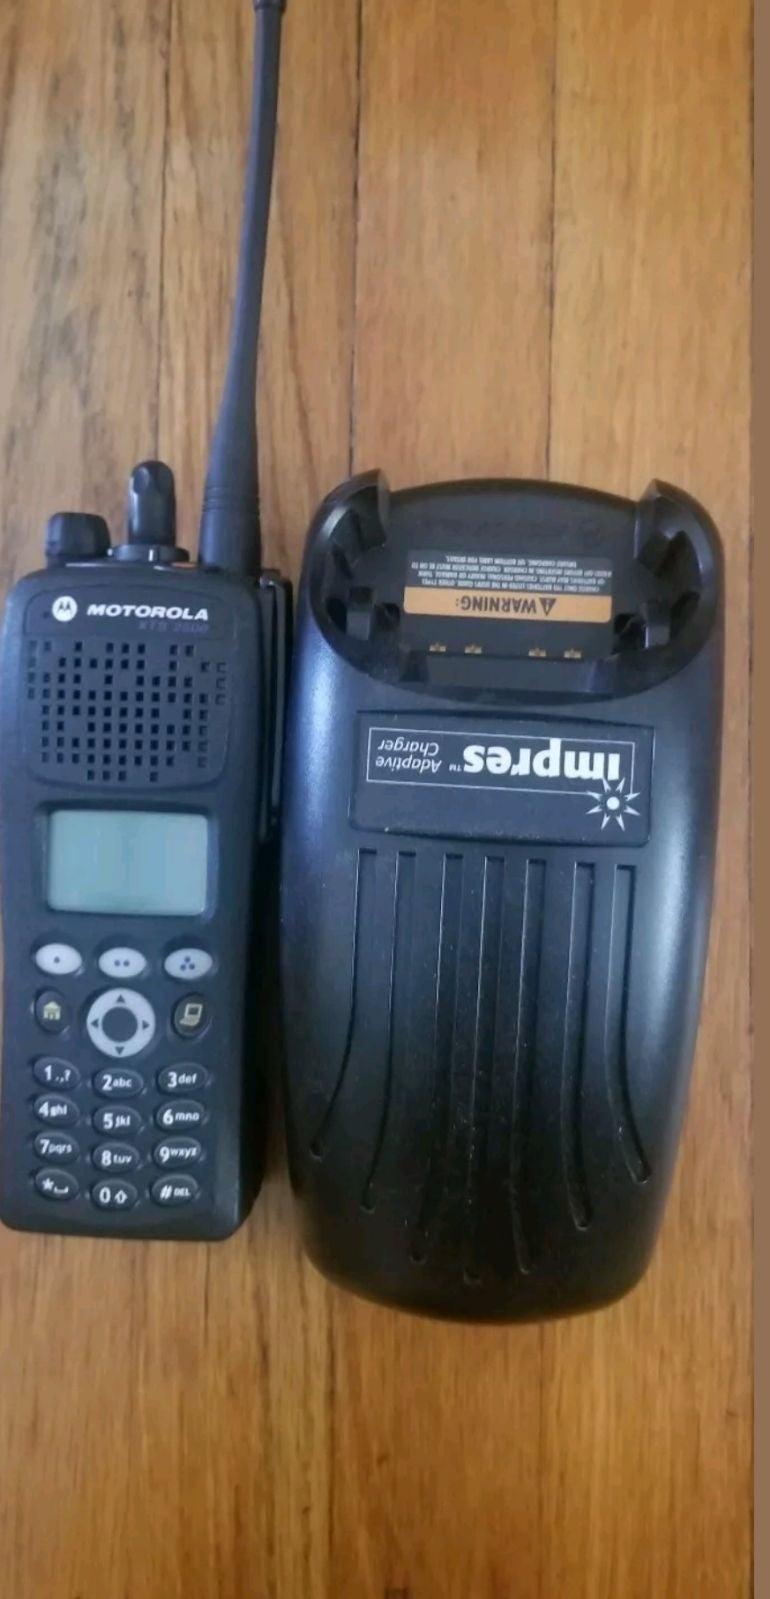 Motorola XTS 2500 2 Way Radio